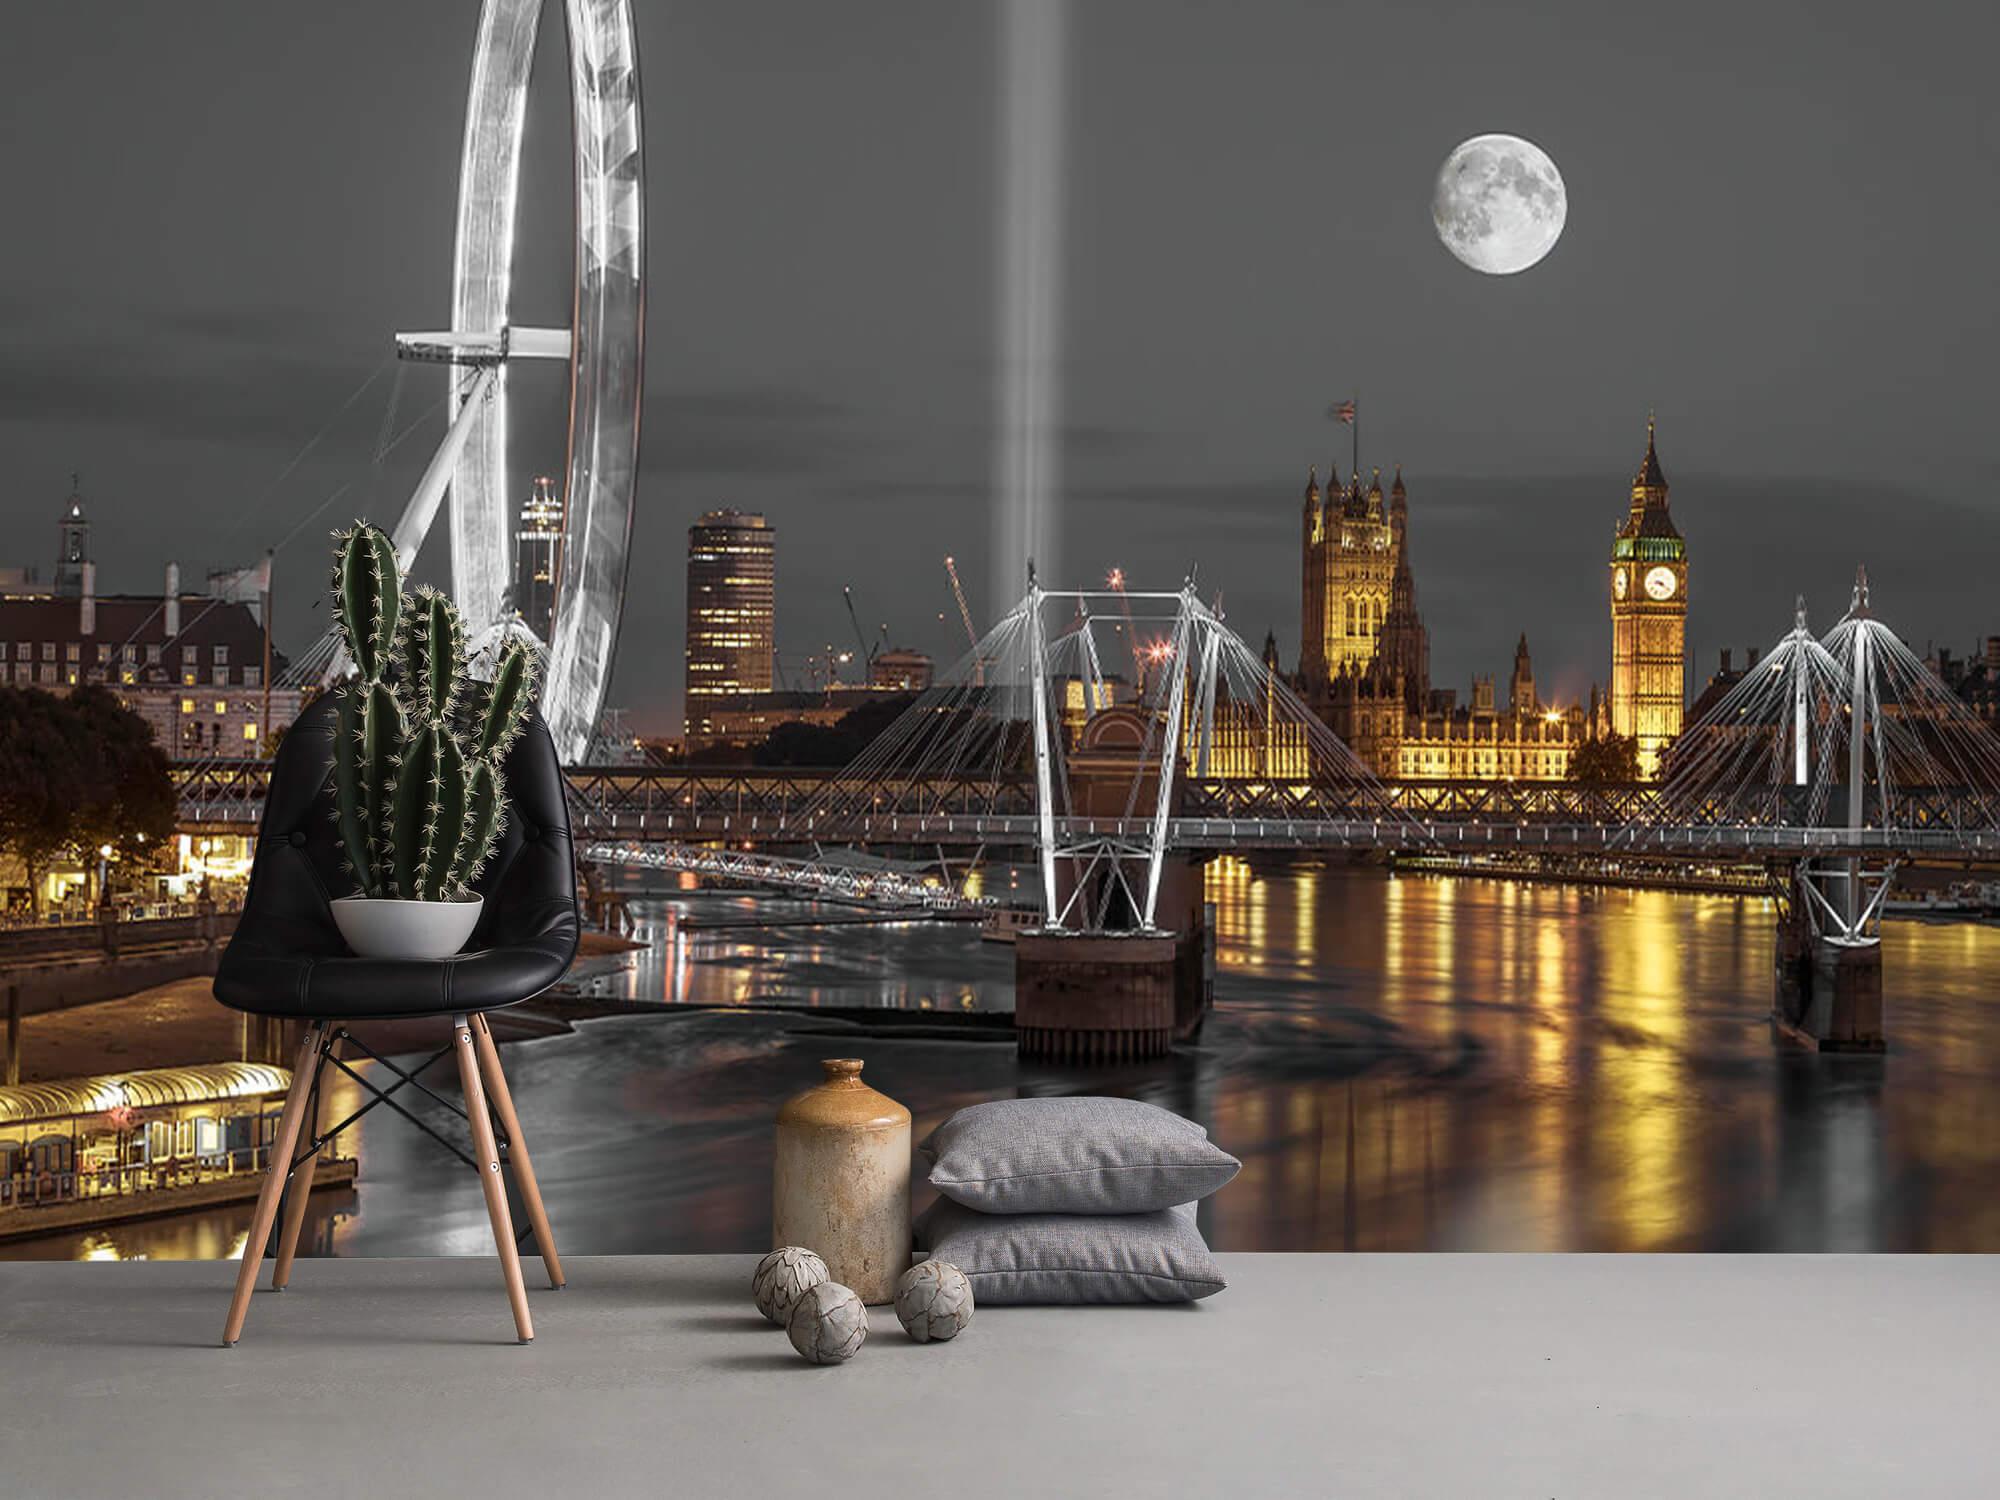 Westminster en soirée 17